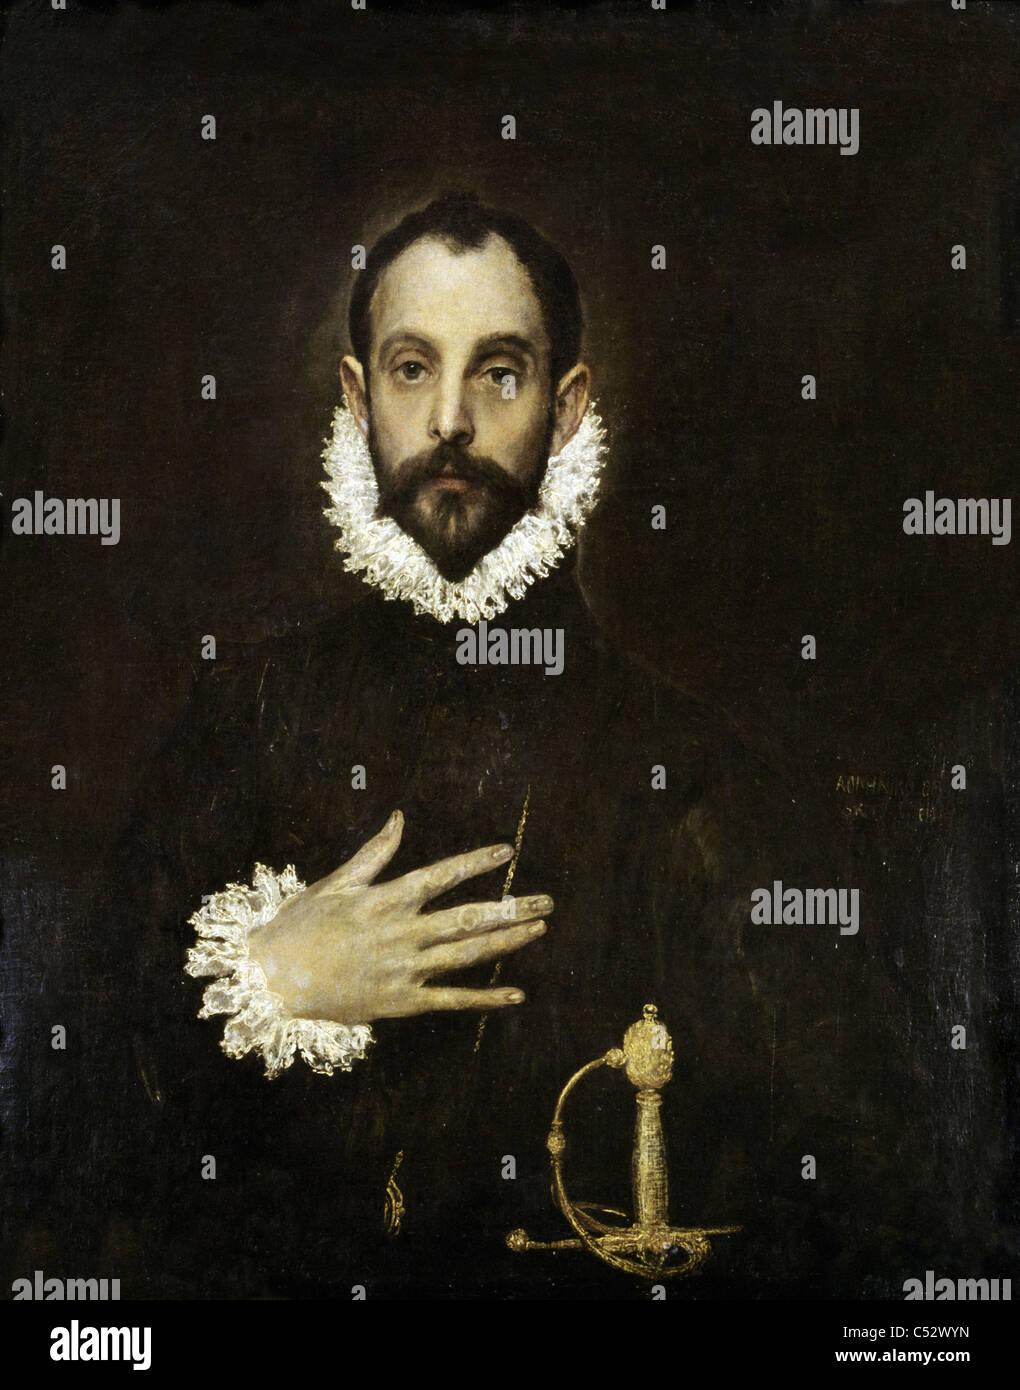 Greco Domenicos - El Greco El Caballero con la mano en el Pecho 1577 Museo di Prado - Madrid Immagini Stock